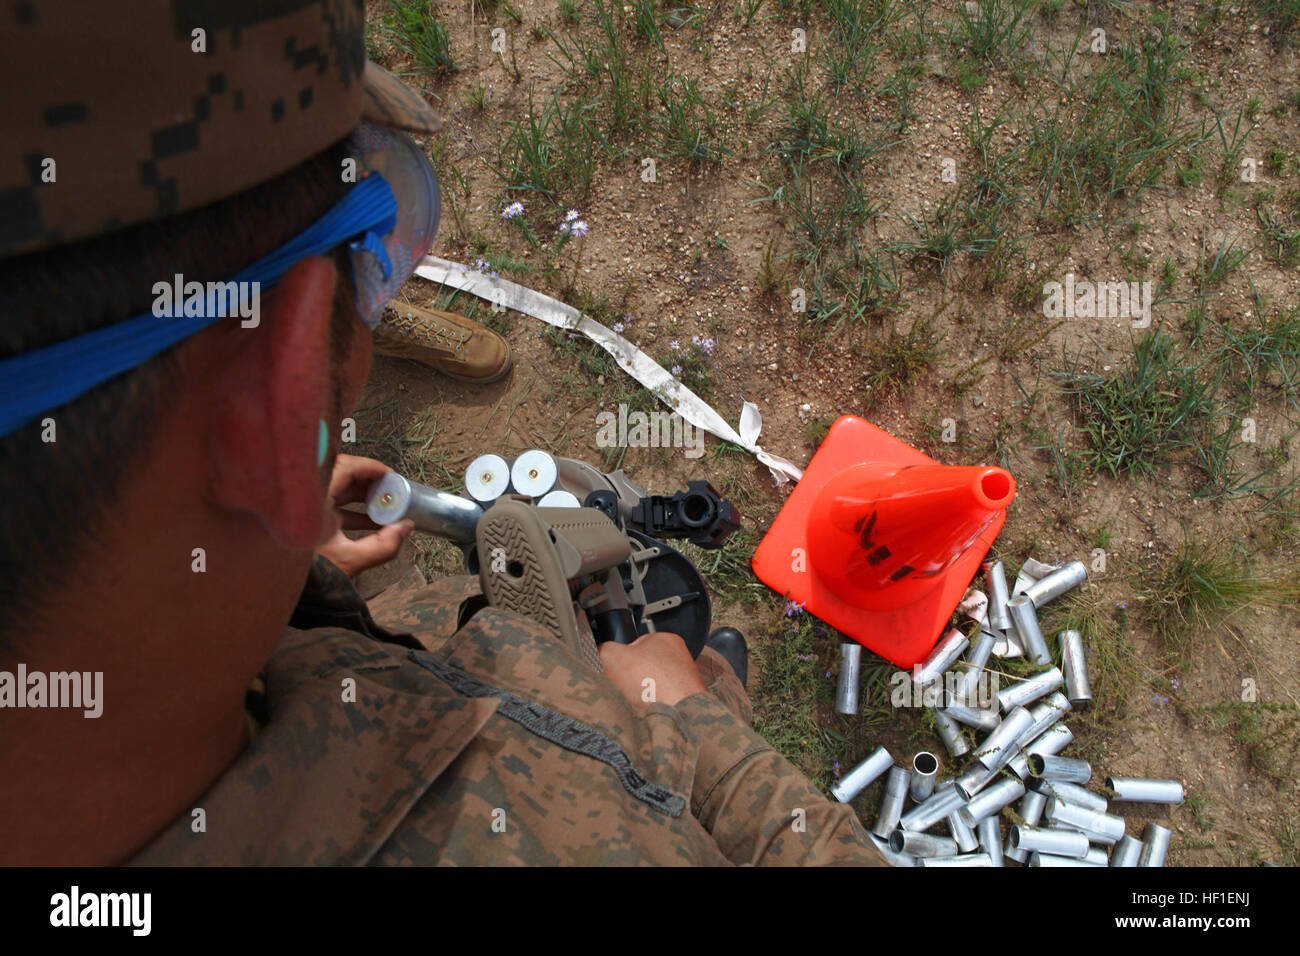 Un miembro de servicio de las fuerzas armadas de Mongolia se carga un non-lethal, 40 mm Bola de caucho granada hacia Foto de stock